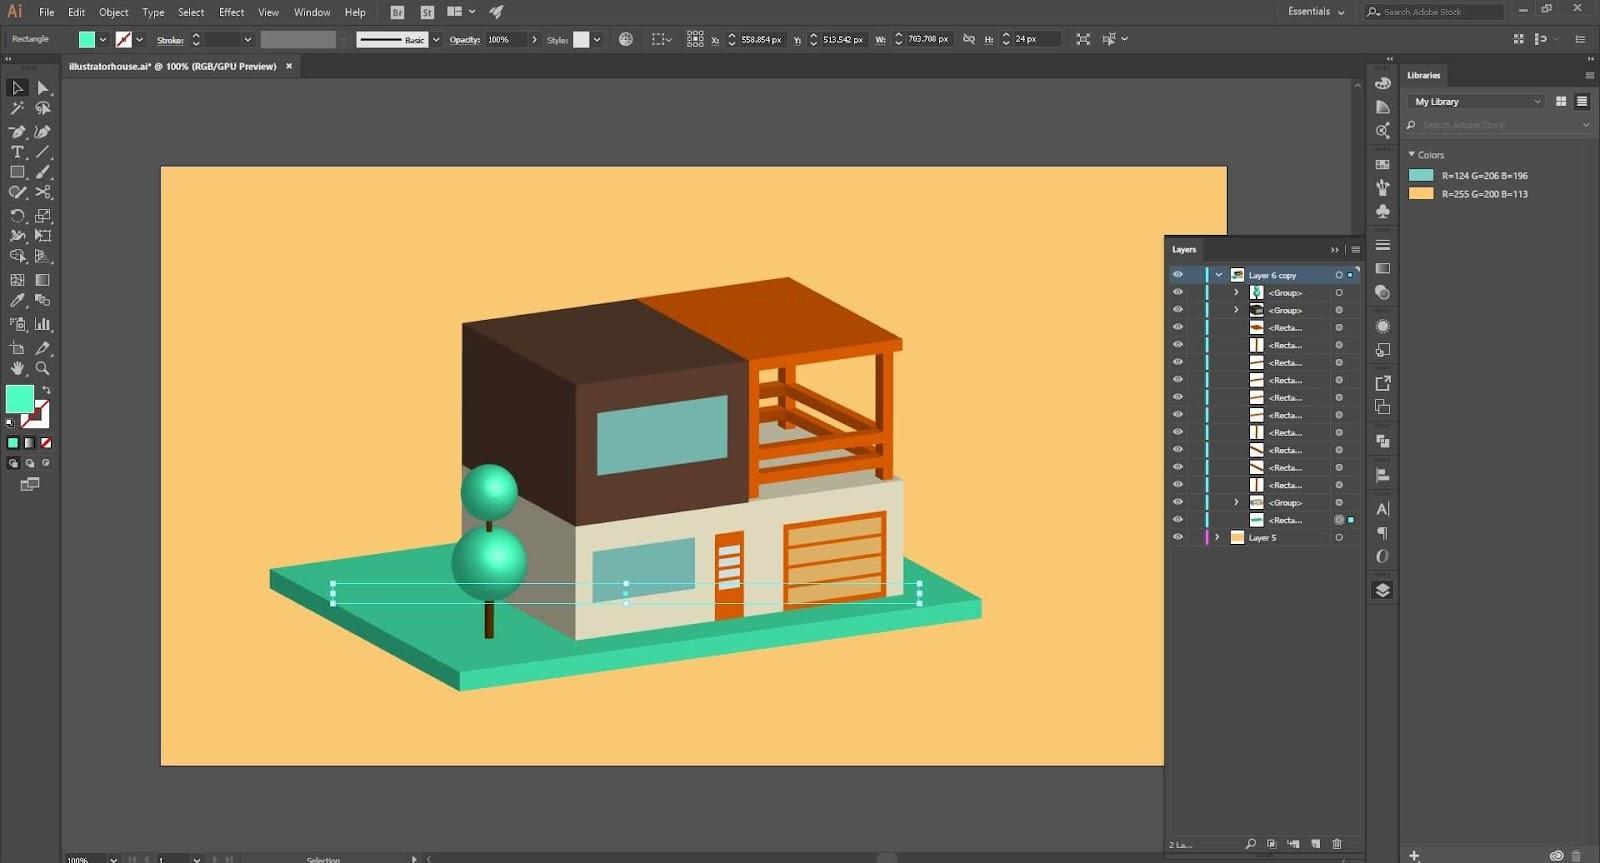 Phần mềm đồ họa là gì ? Tải phẩn mềm đồ họa ở đâu ? 3